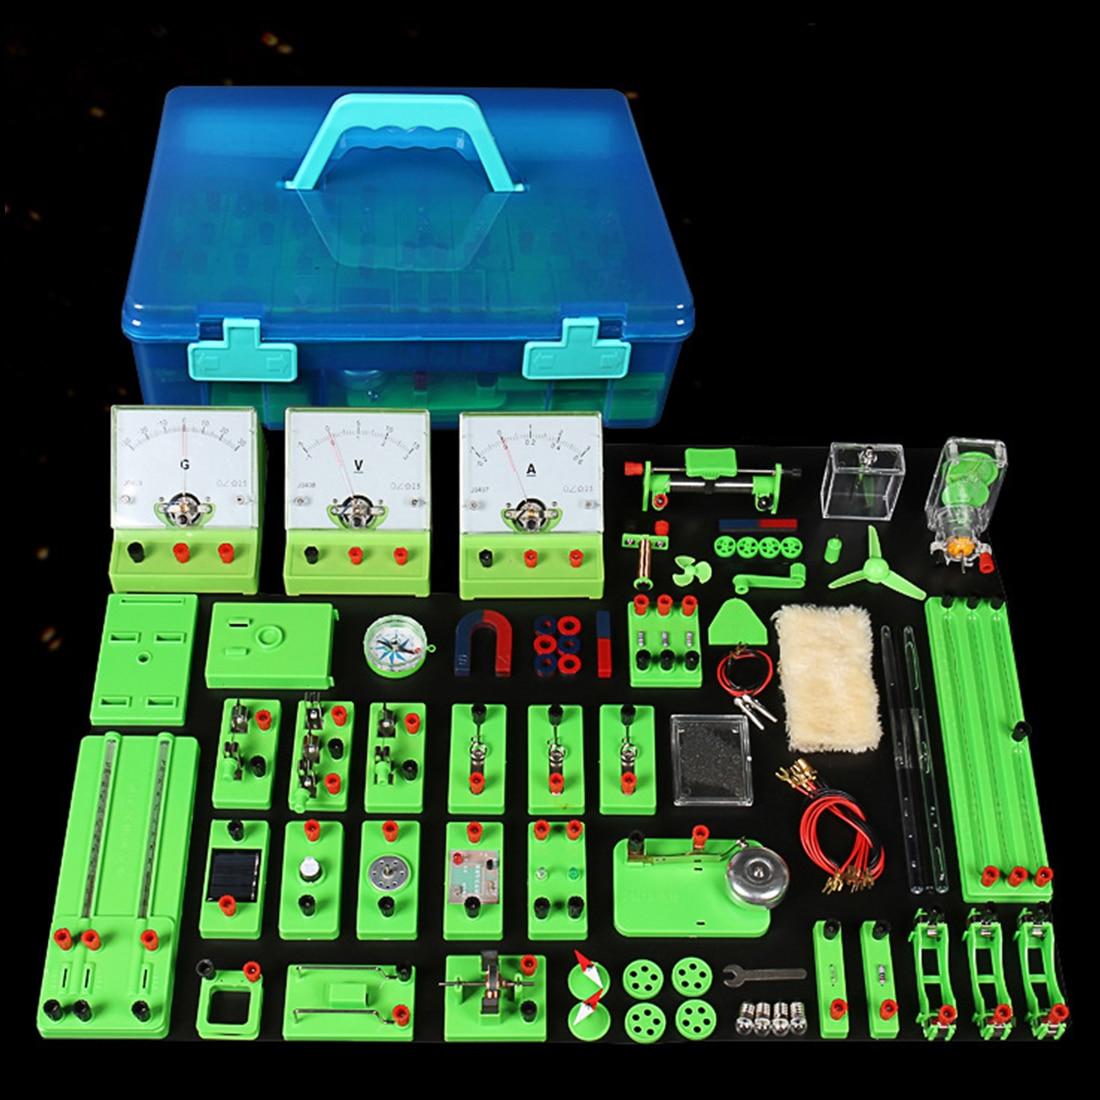 Boîte d'essai de Circuit électrique expérience équipement pédagogique électromagnétique jouet éducatif cadeau de noël pour enfant-Version phare